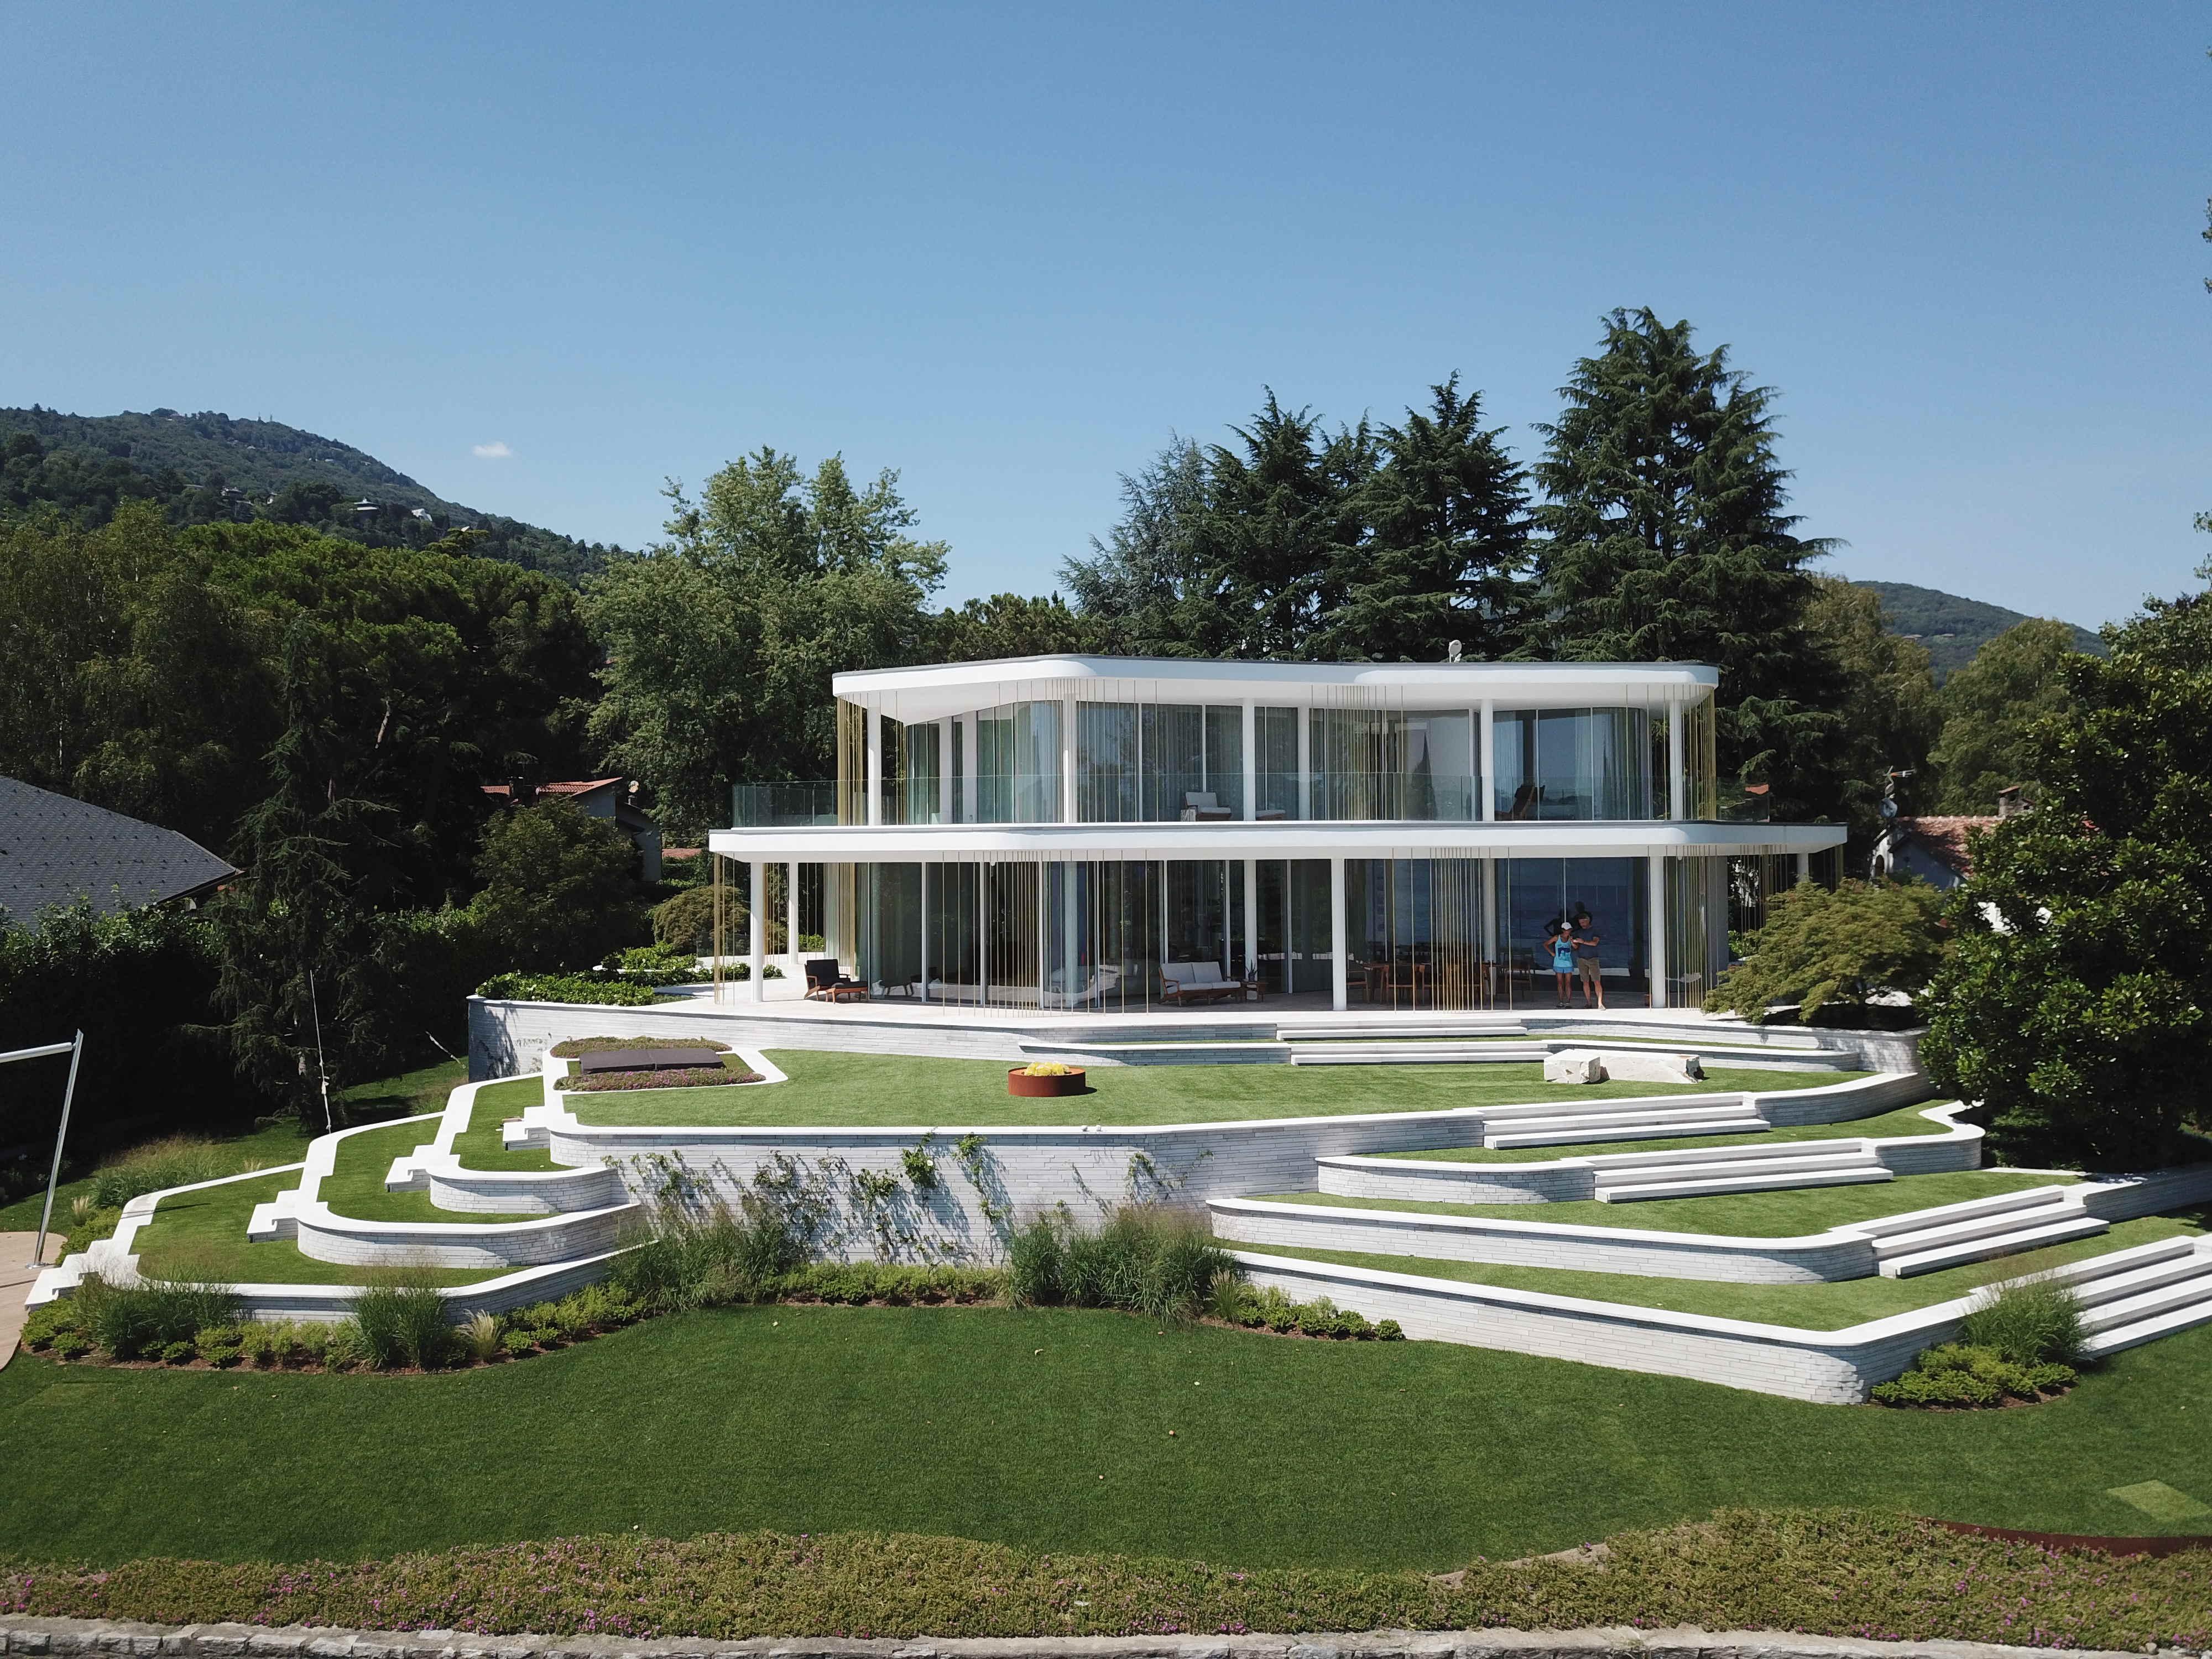 0718_RobertoManzetti-Architetto-NeuHouse-3